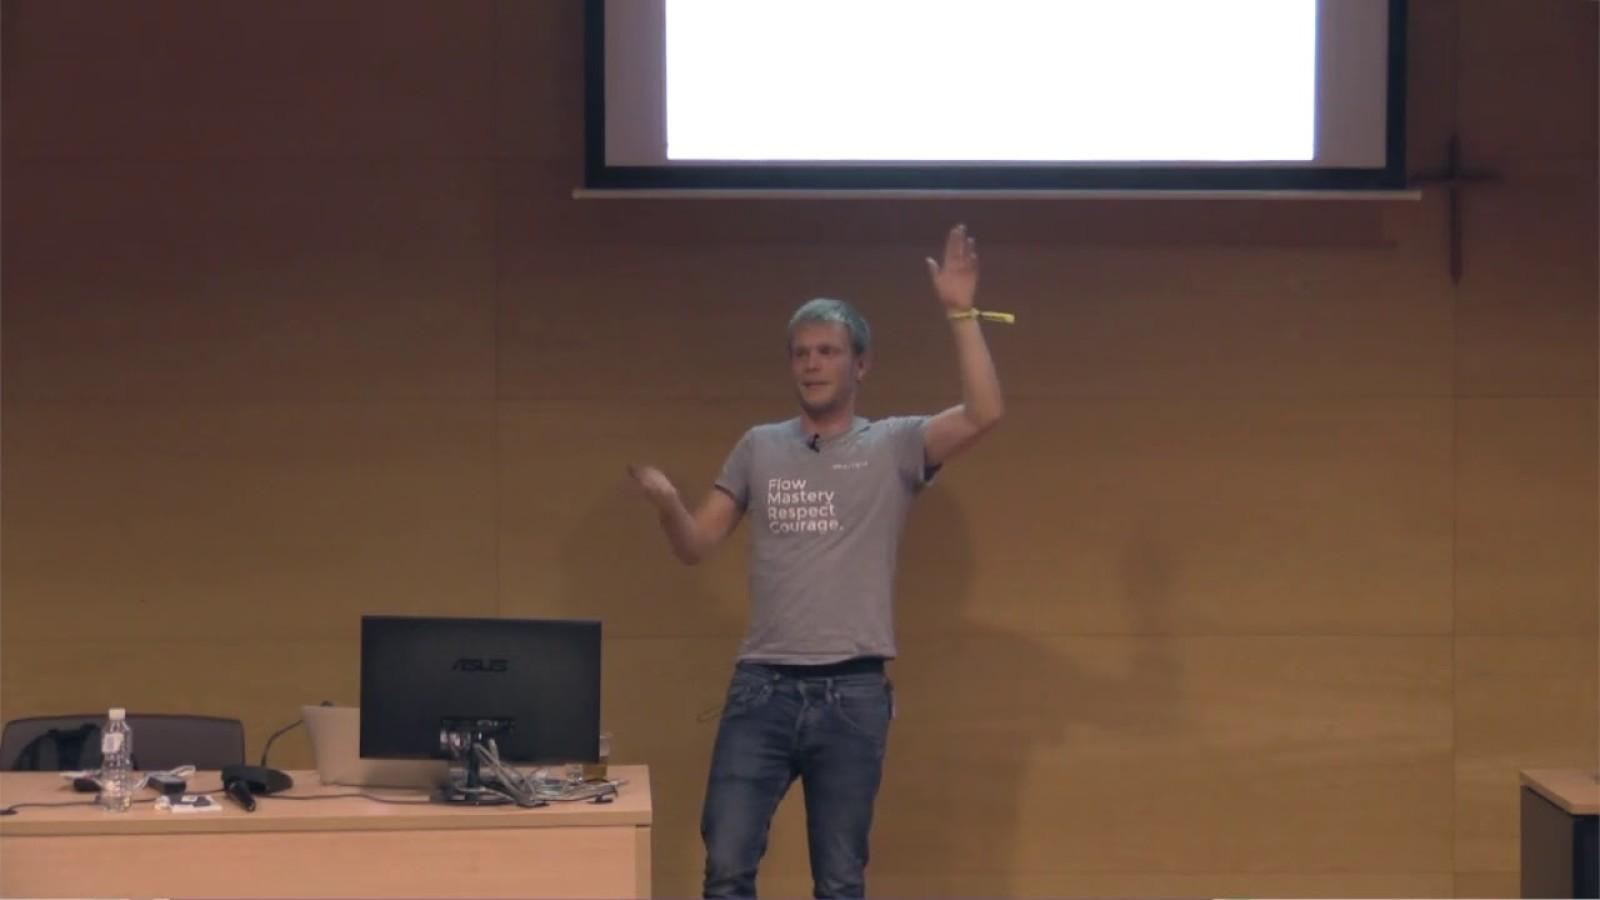 CSS mantenible y escalable: fracasos, más fracasos y algún éxito